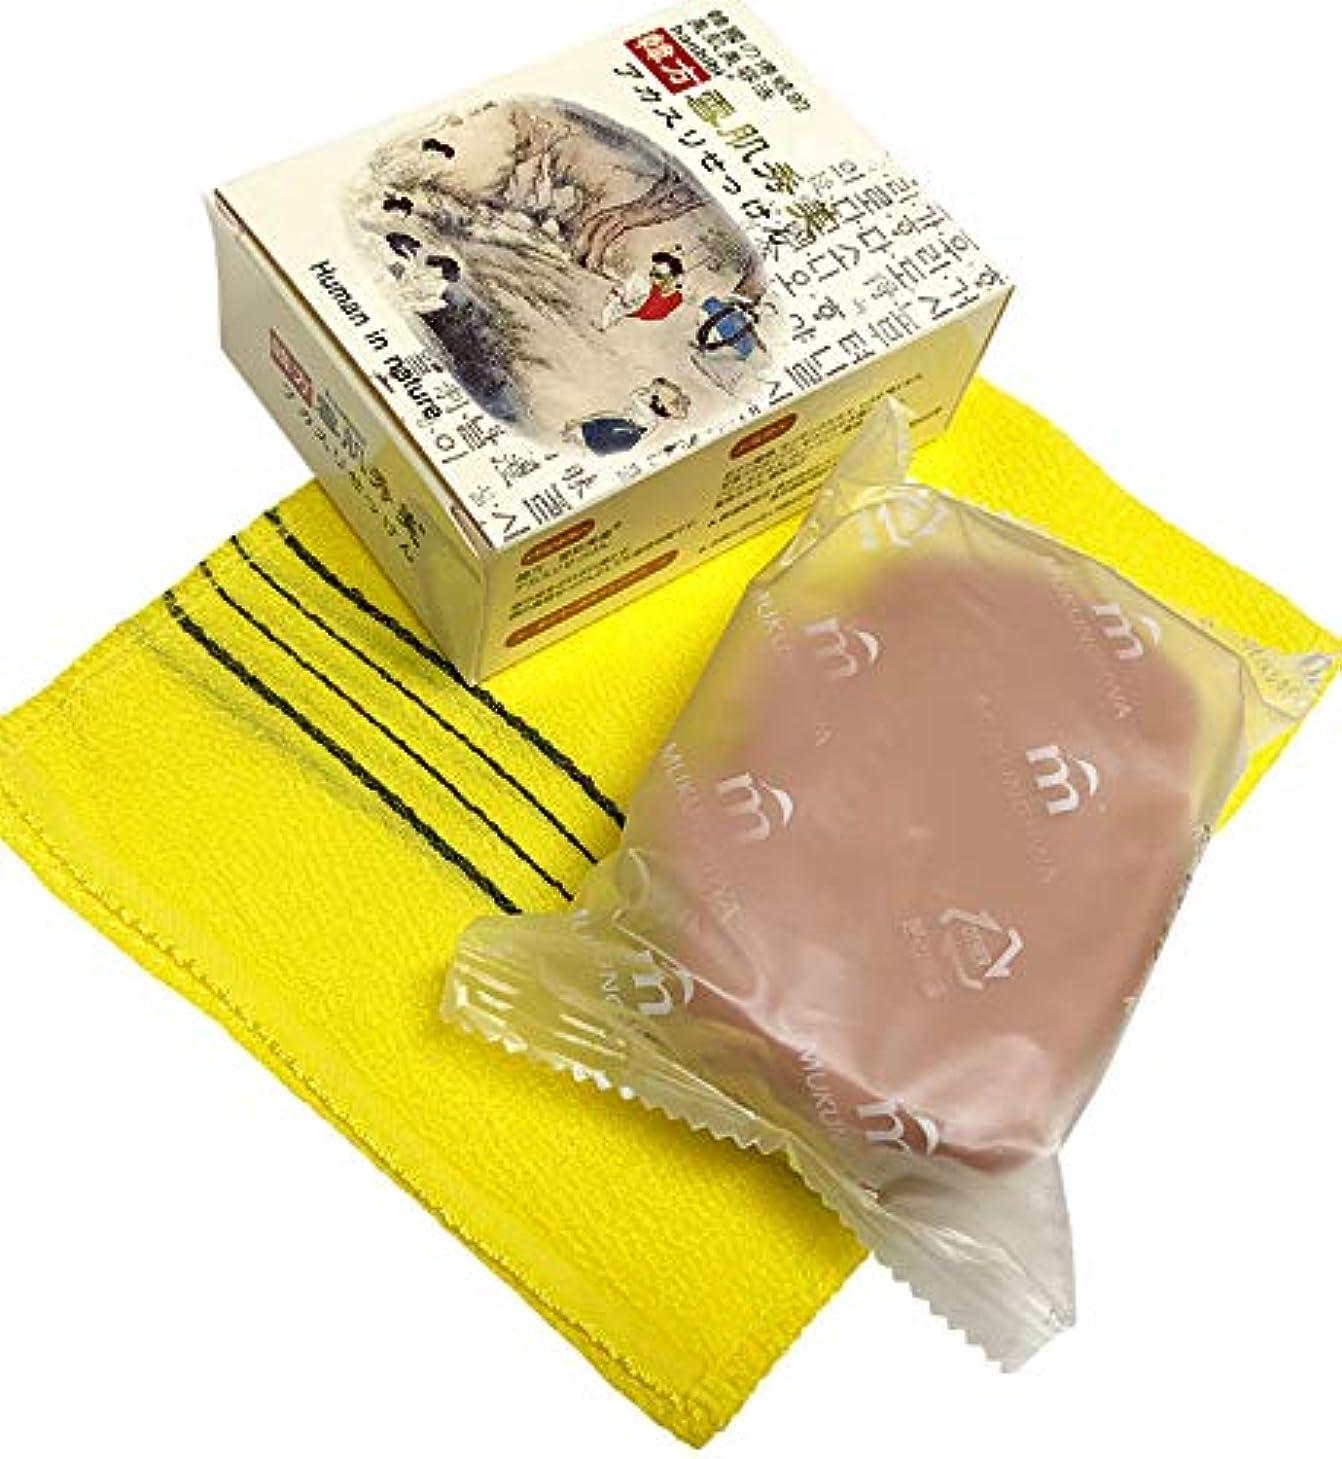 韓方[雪肌秀美]蜂蜜アカスリせっけん アカスリ専用タオル付き 体顔美容兼用